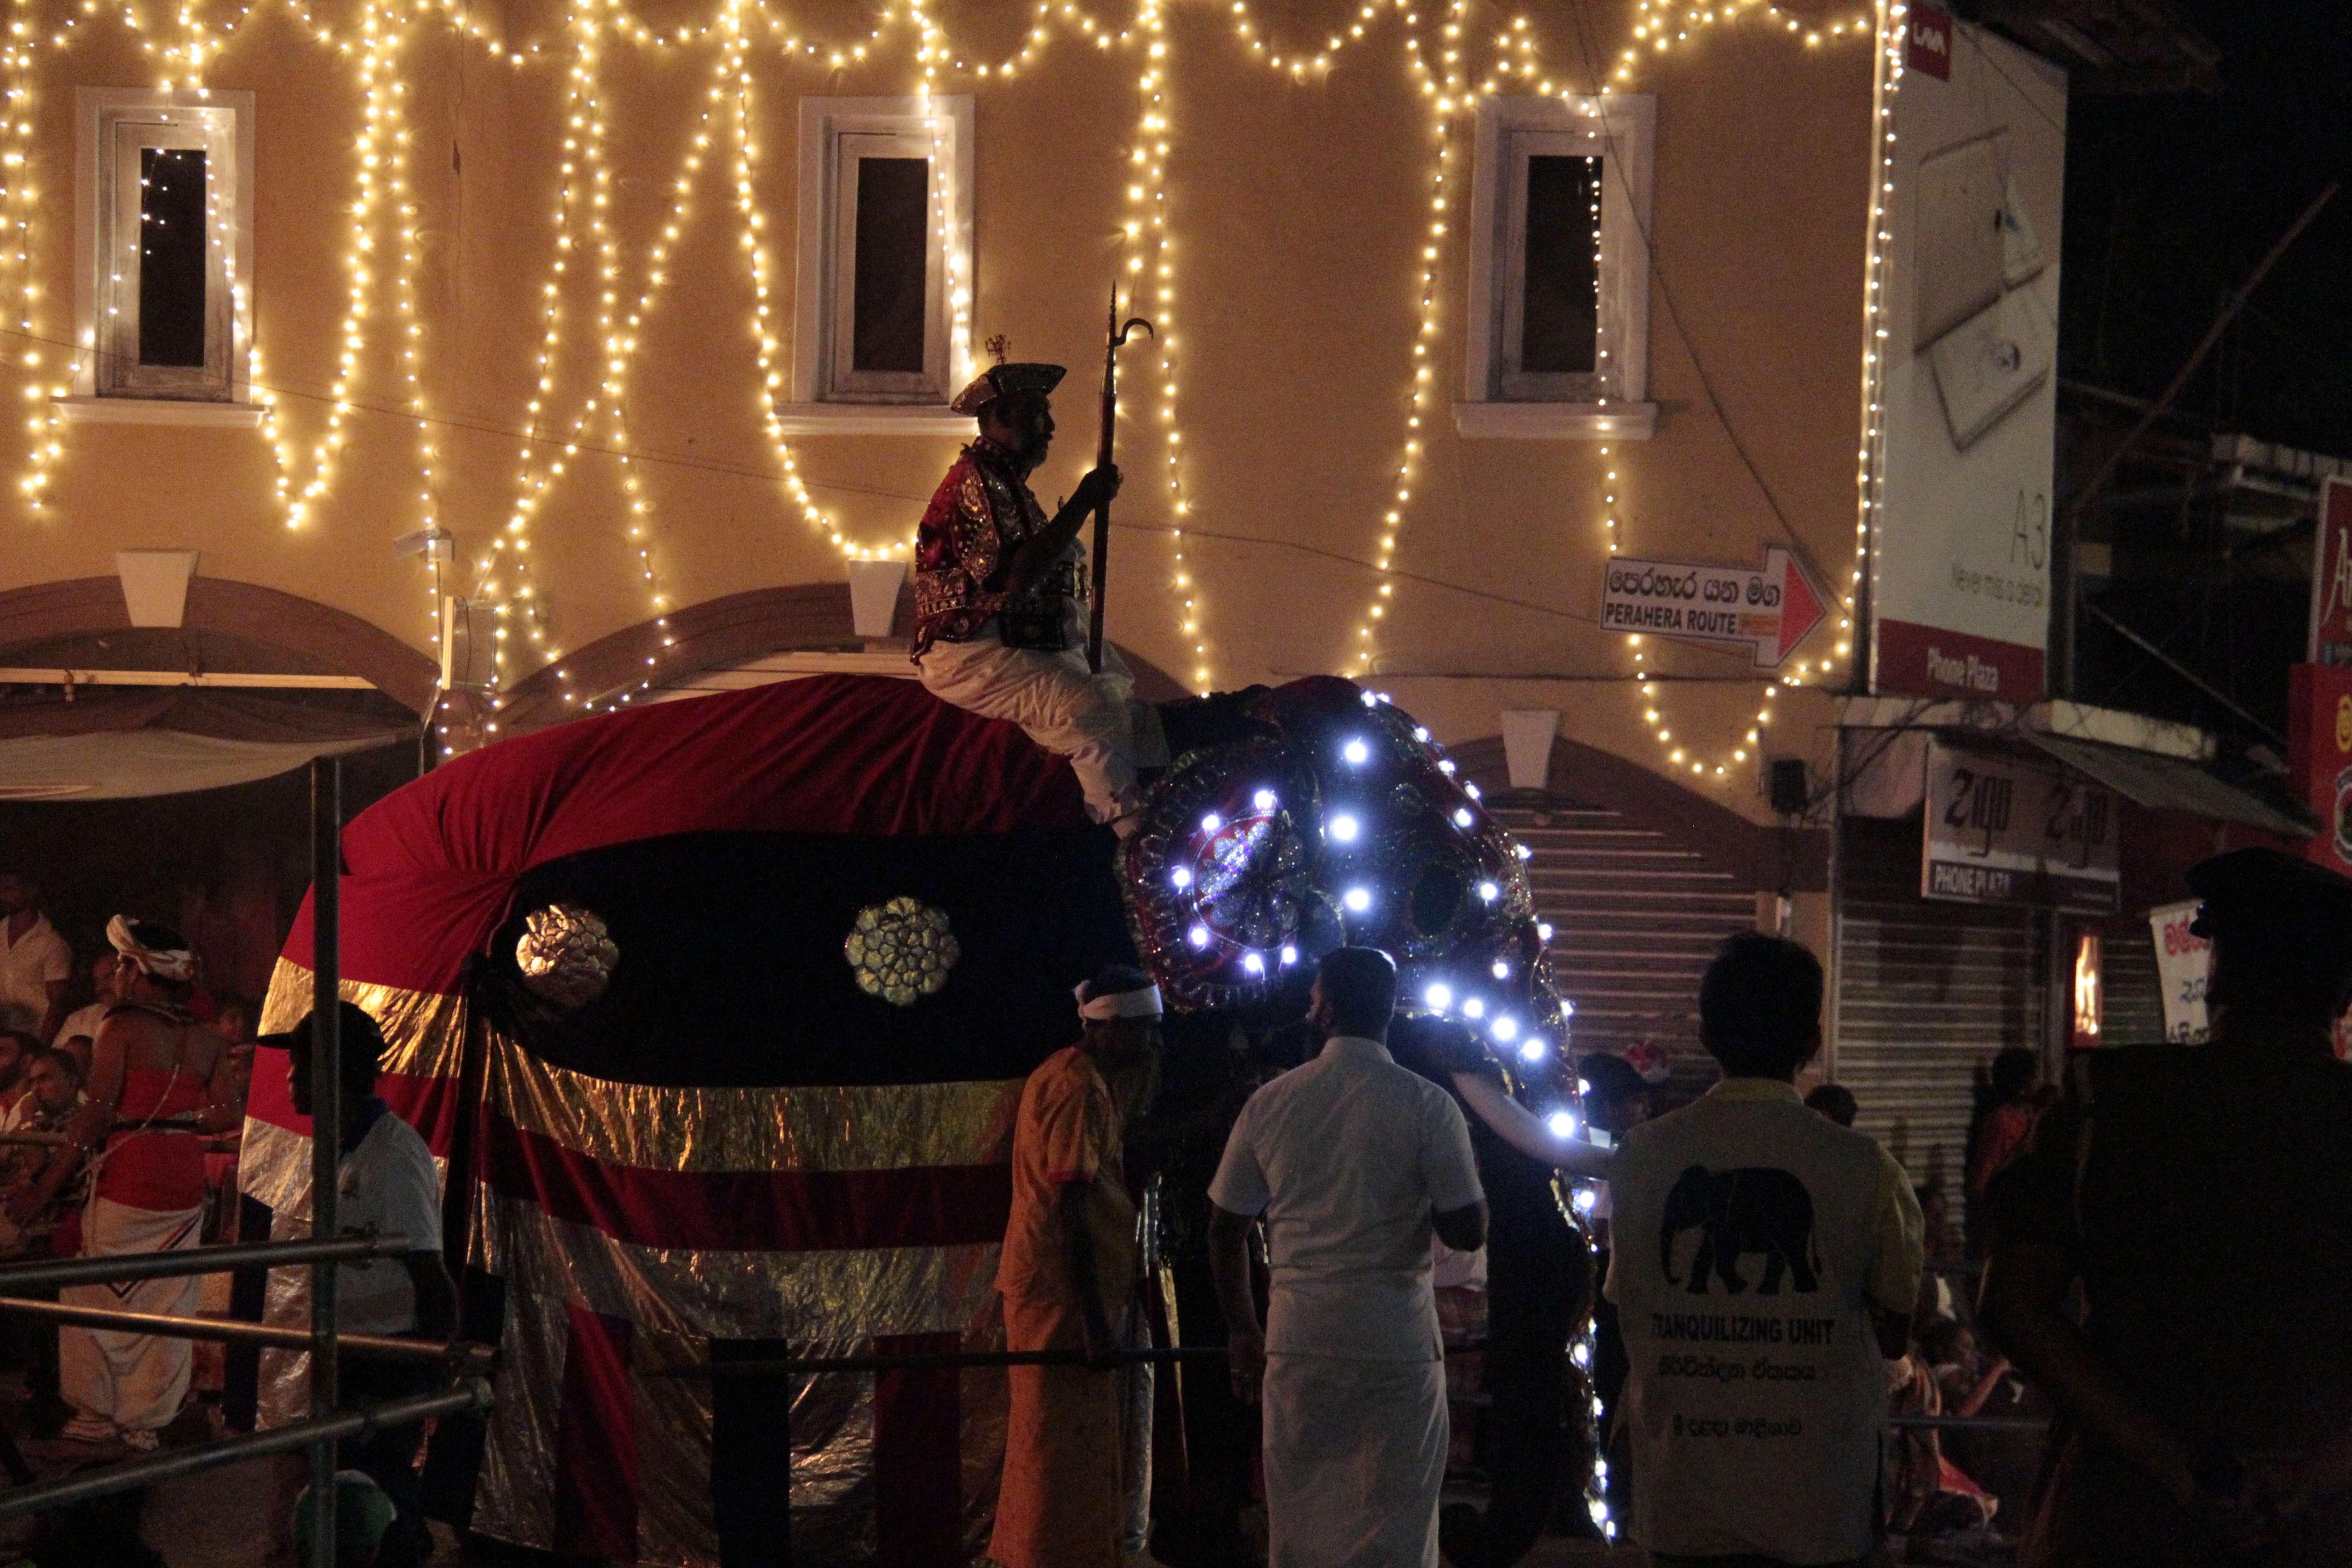 Sri Lanka aout 2017_0067 Kandy Esala Perahera